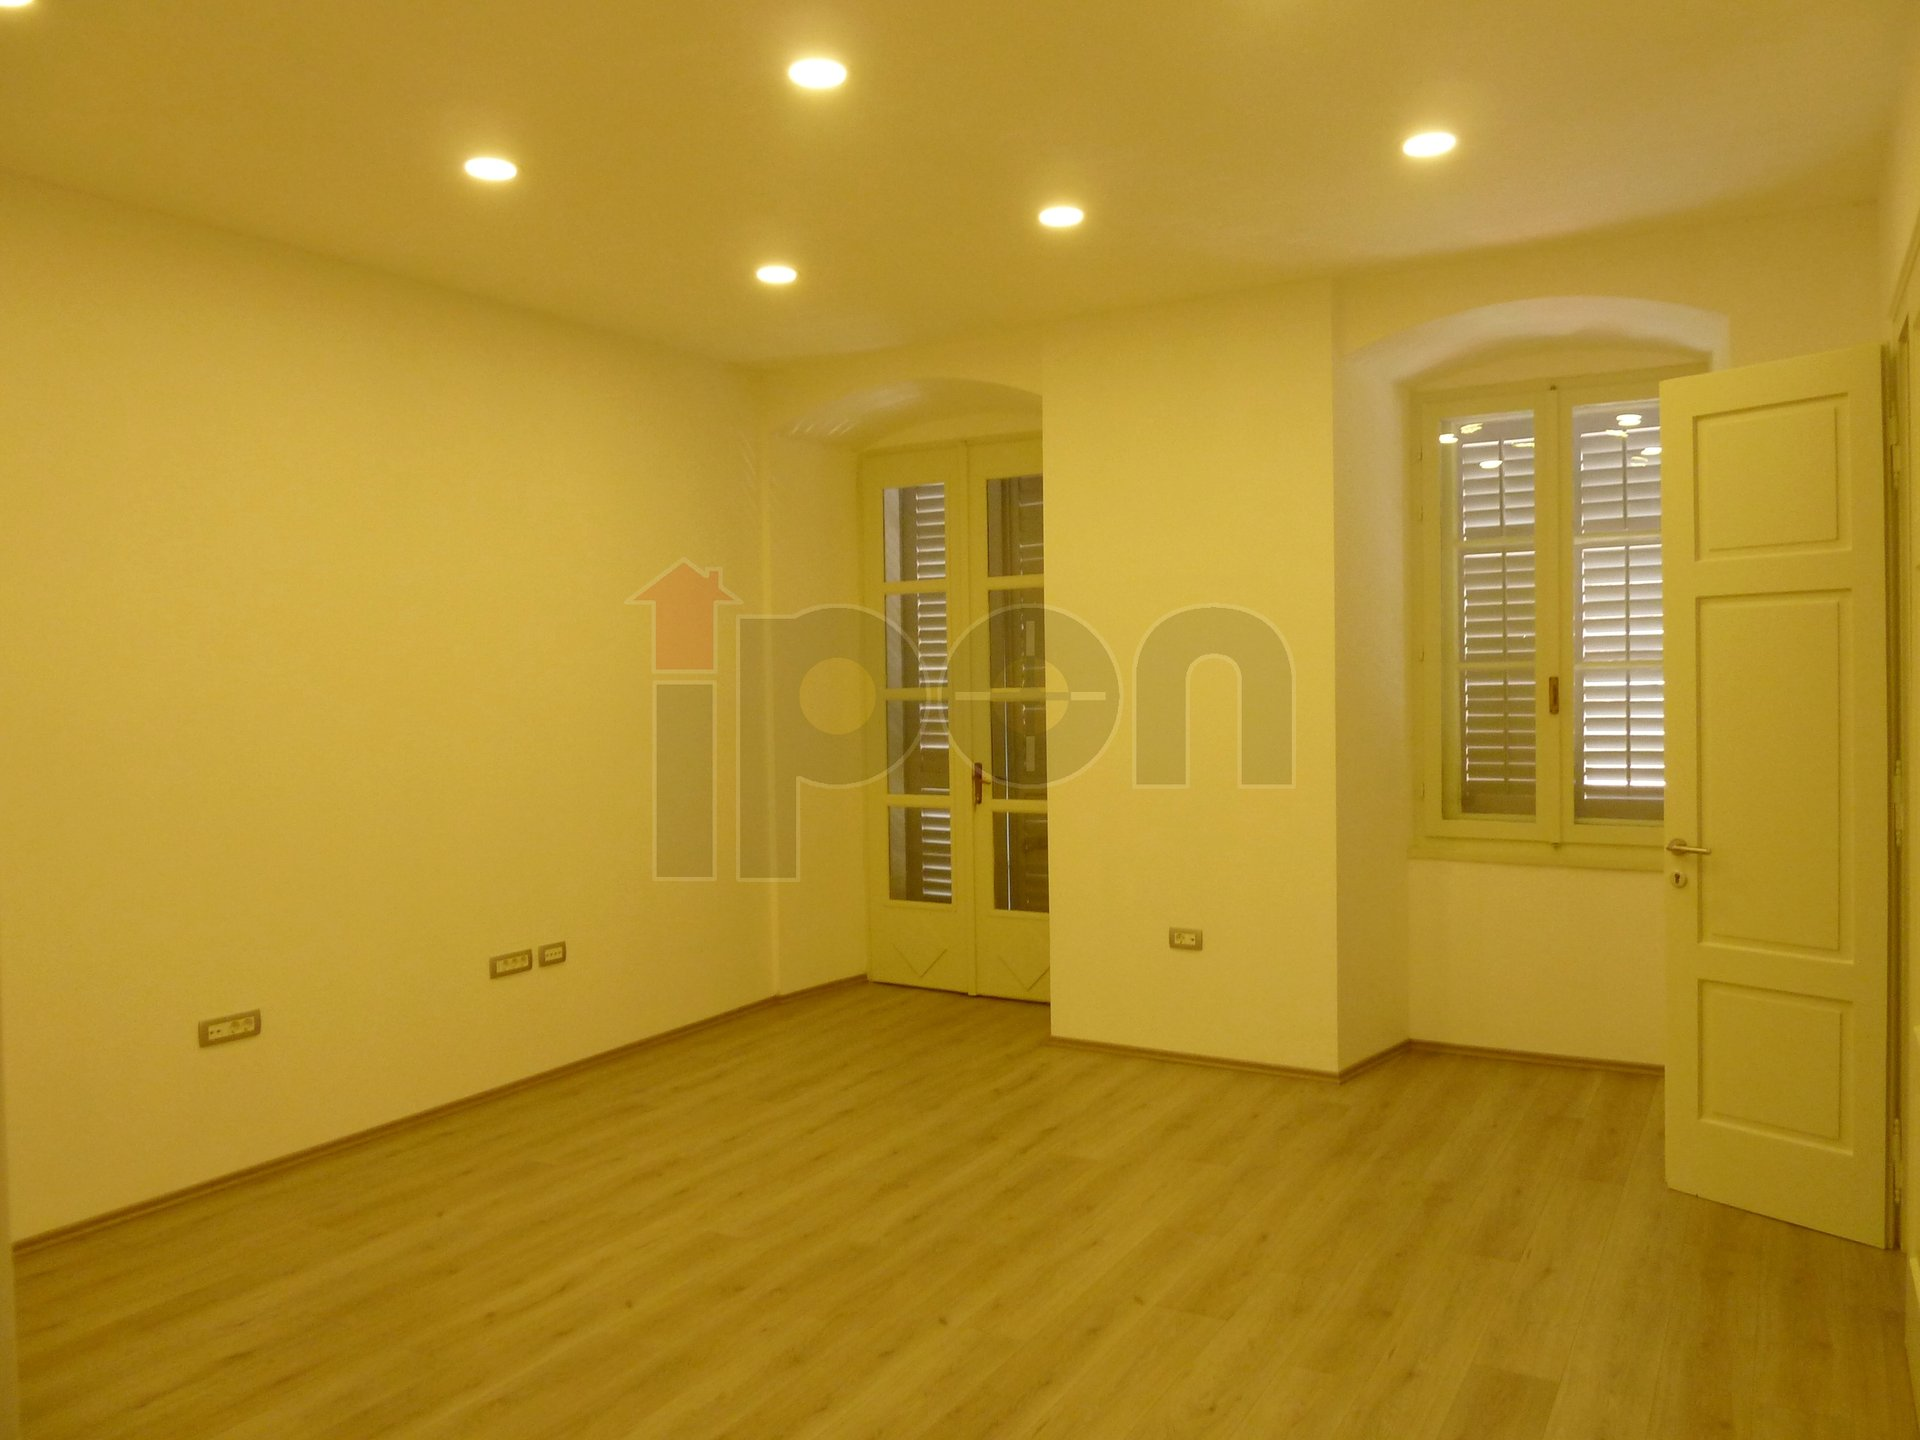 Centar, kompletno adaptiran poslovni prostor na 1. katu